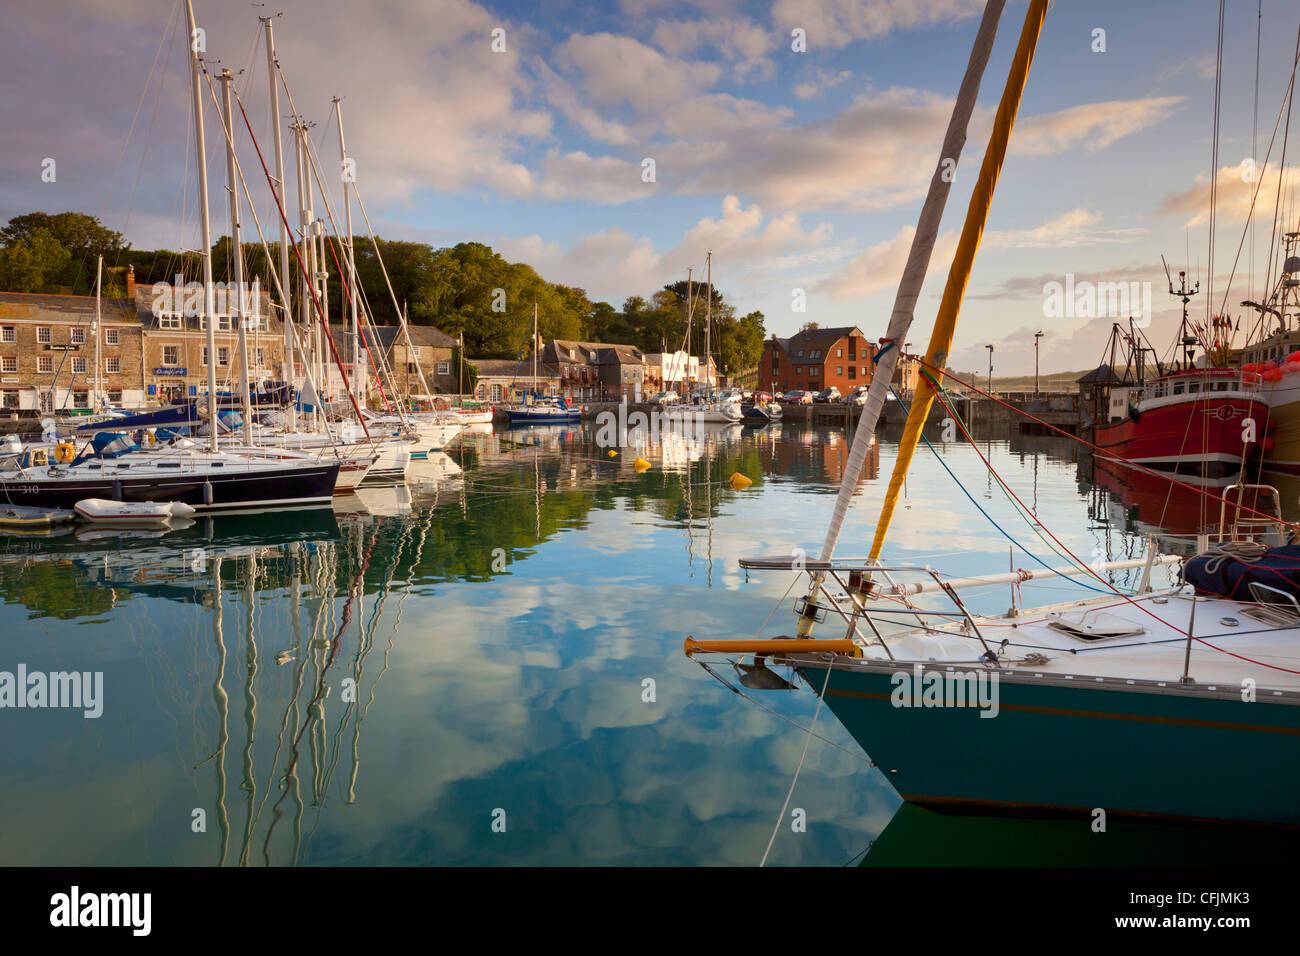 Niedrige Morgenlicht und Segeln Yacht Reflexionen am Hafen von Padstow, Cornwall, England, Vereinigtes Königreich, Stockbild